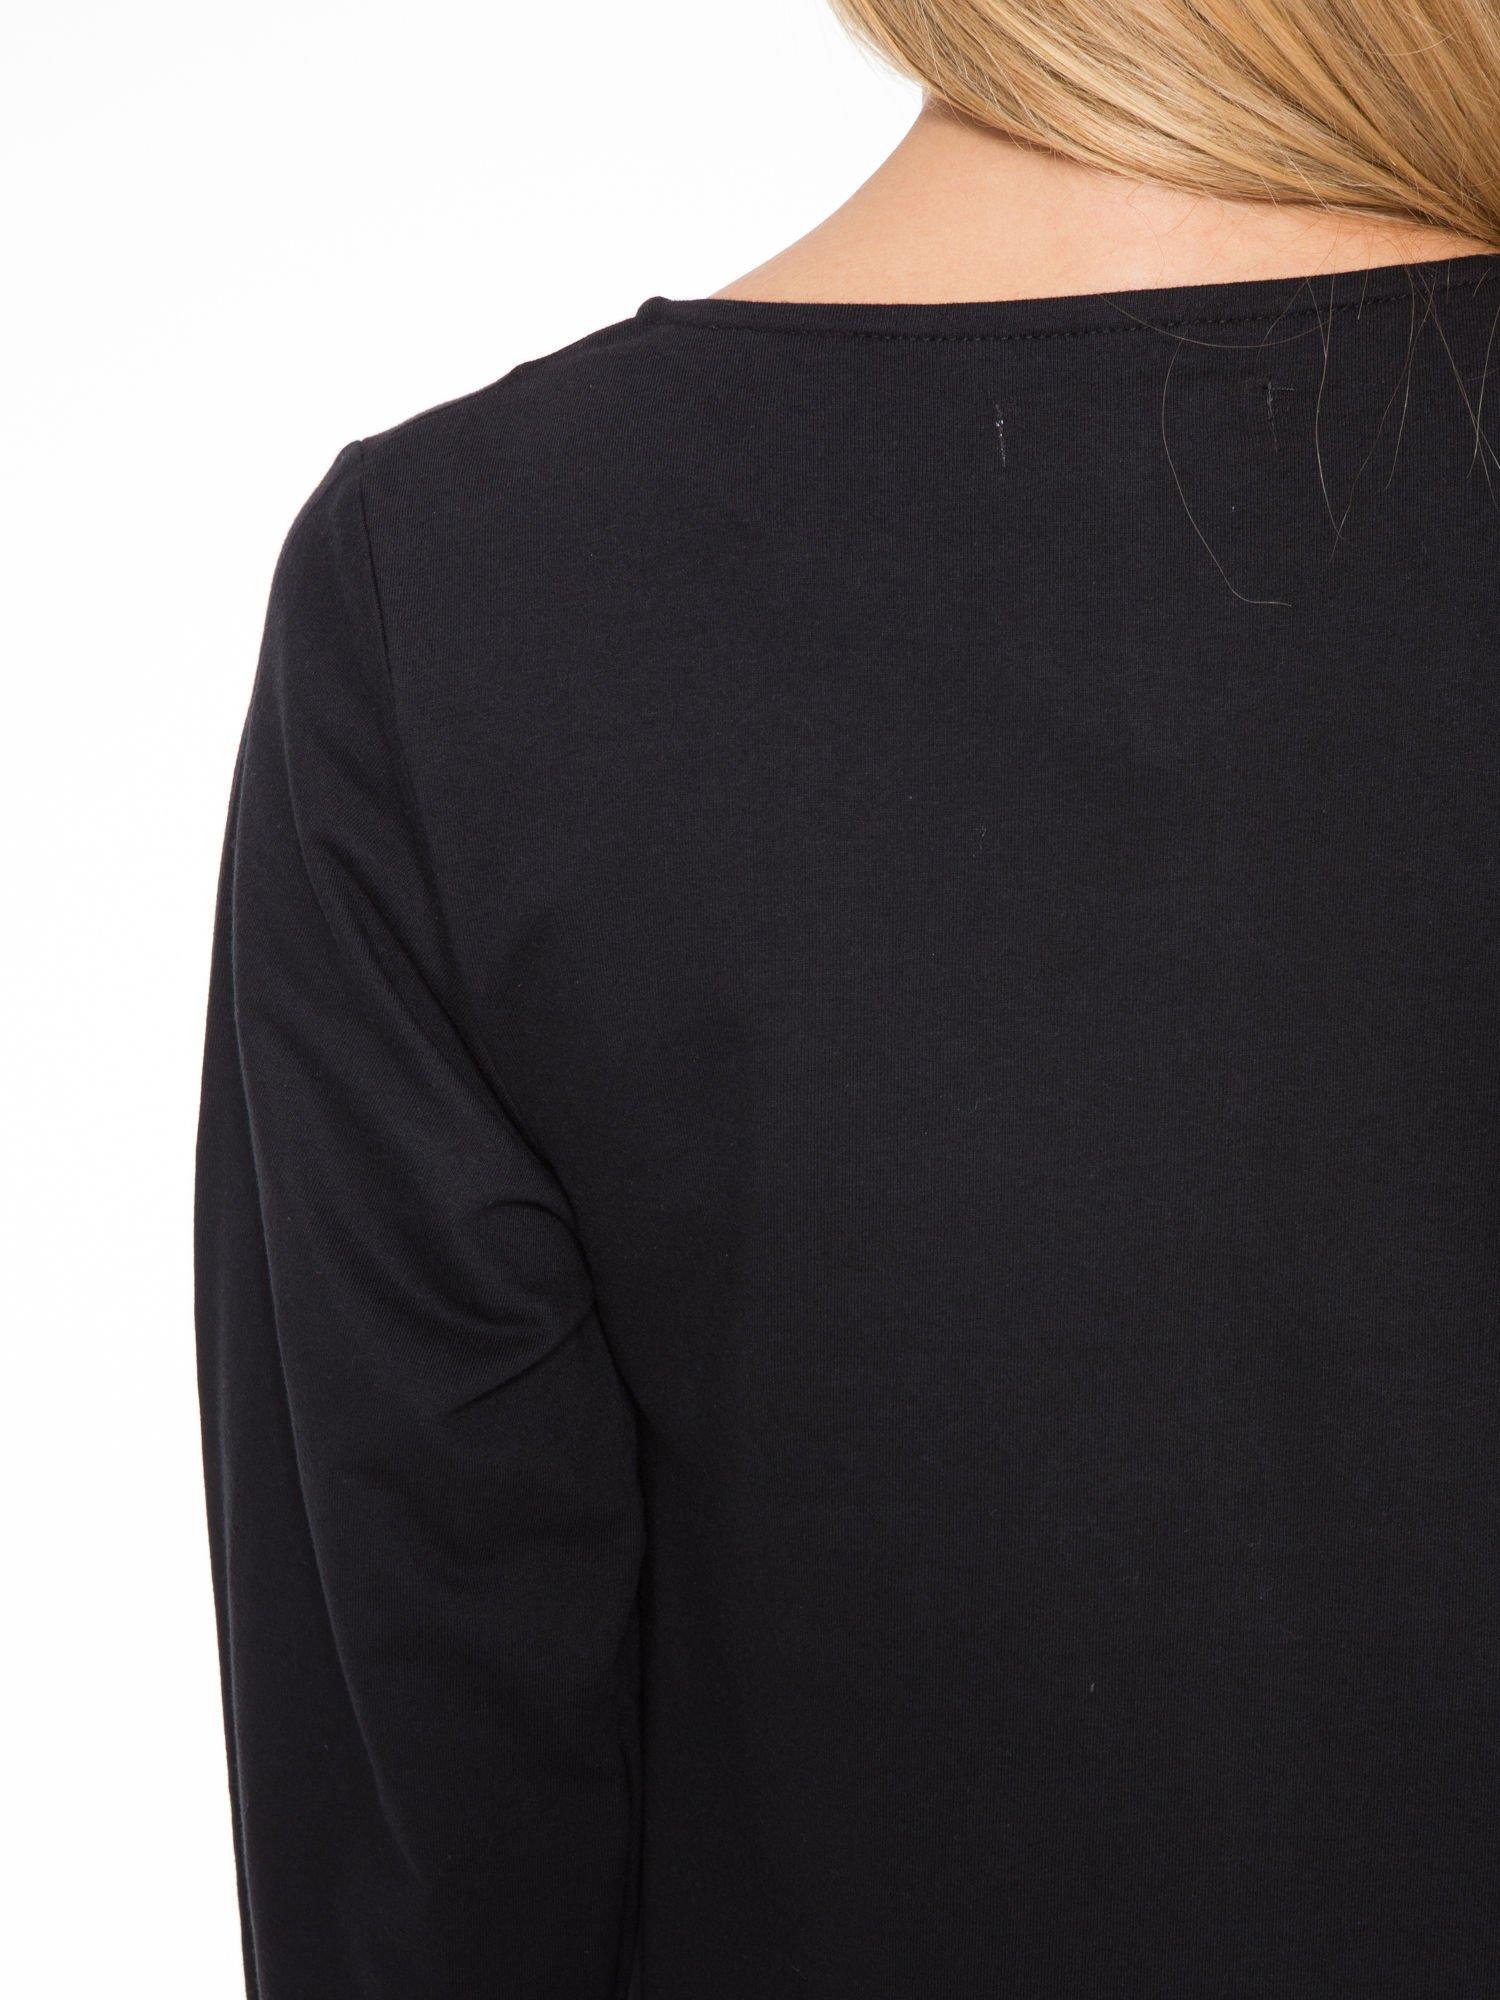 Czarna dresowa sukienka oversize z ozdobnymi kieszeniami                                  zdj.                                  8